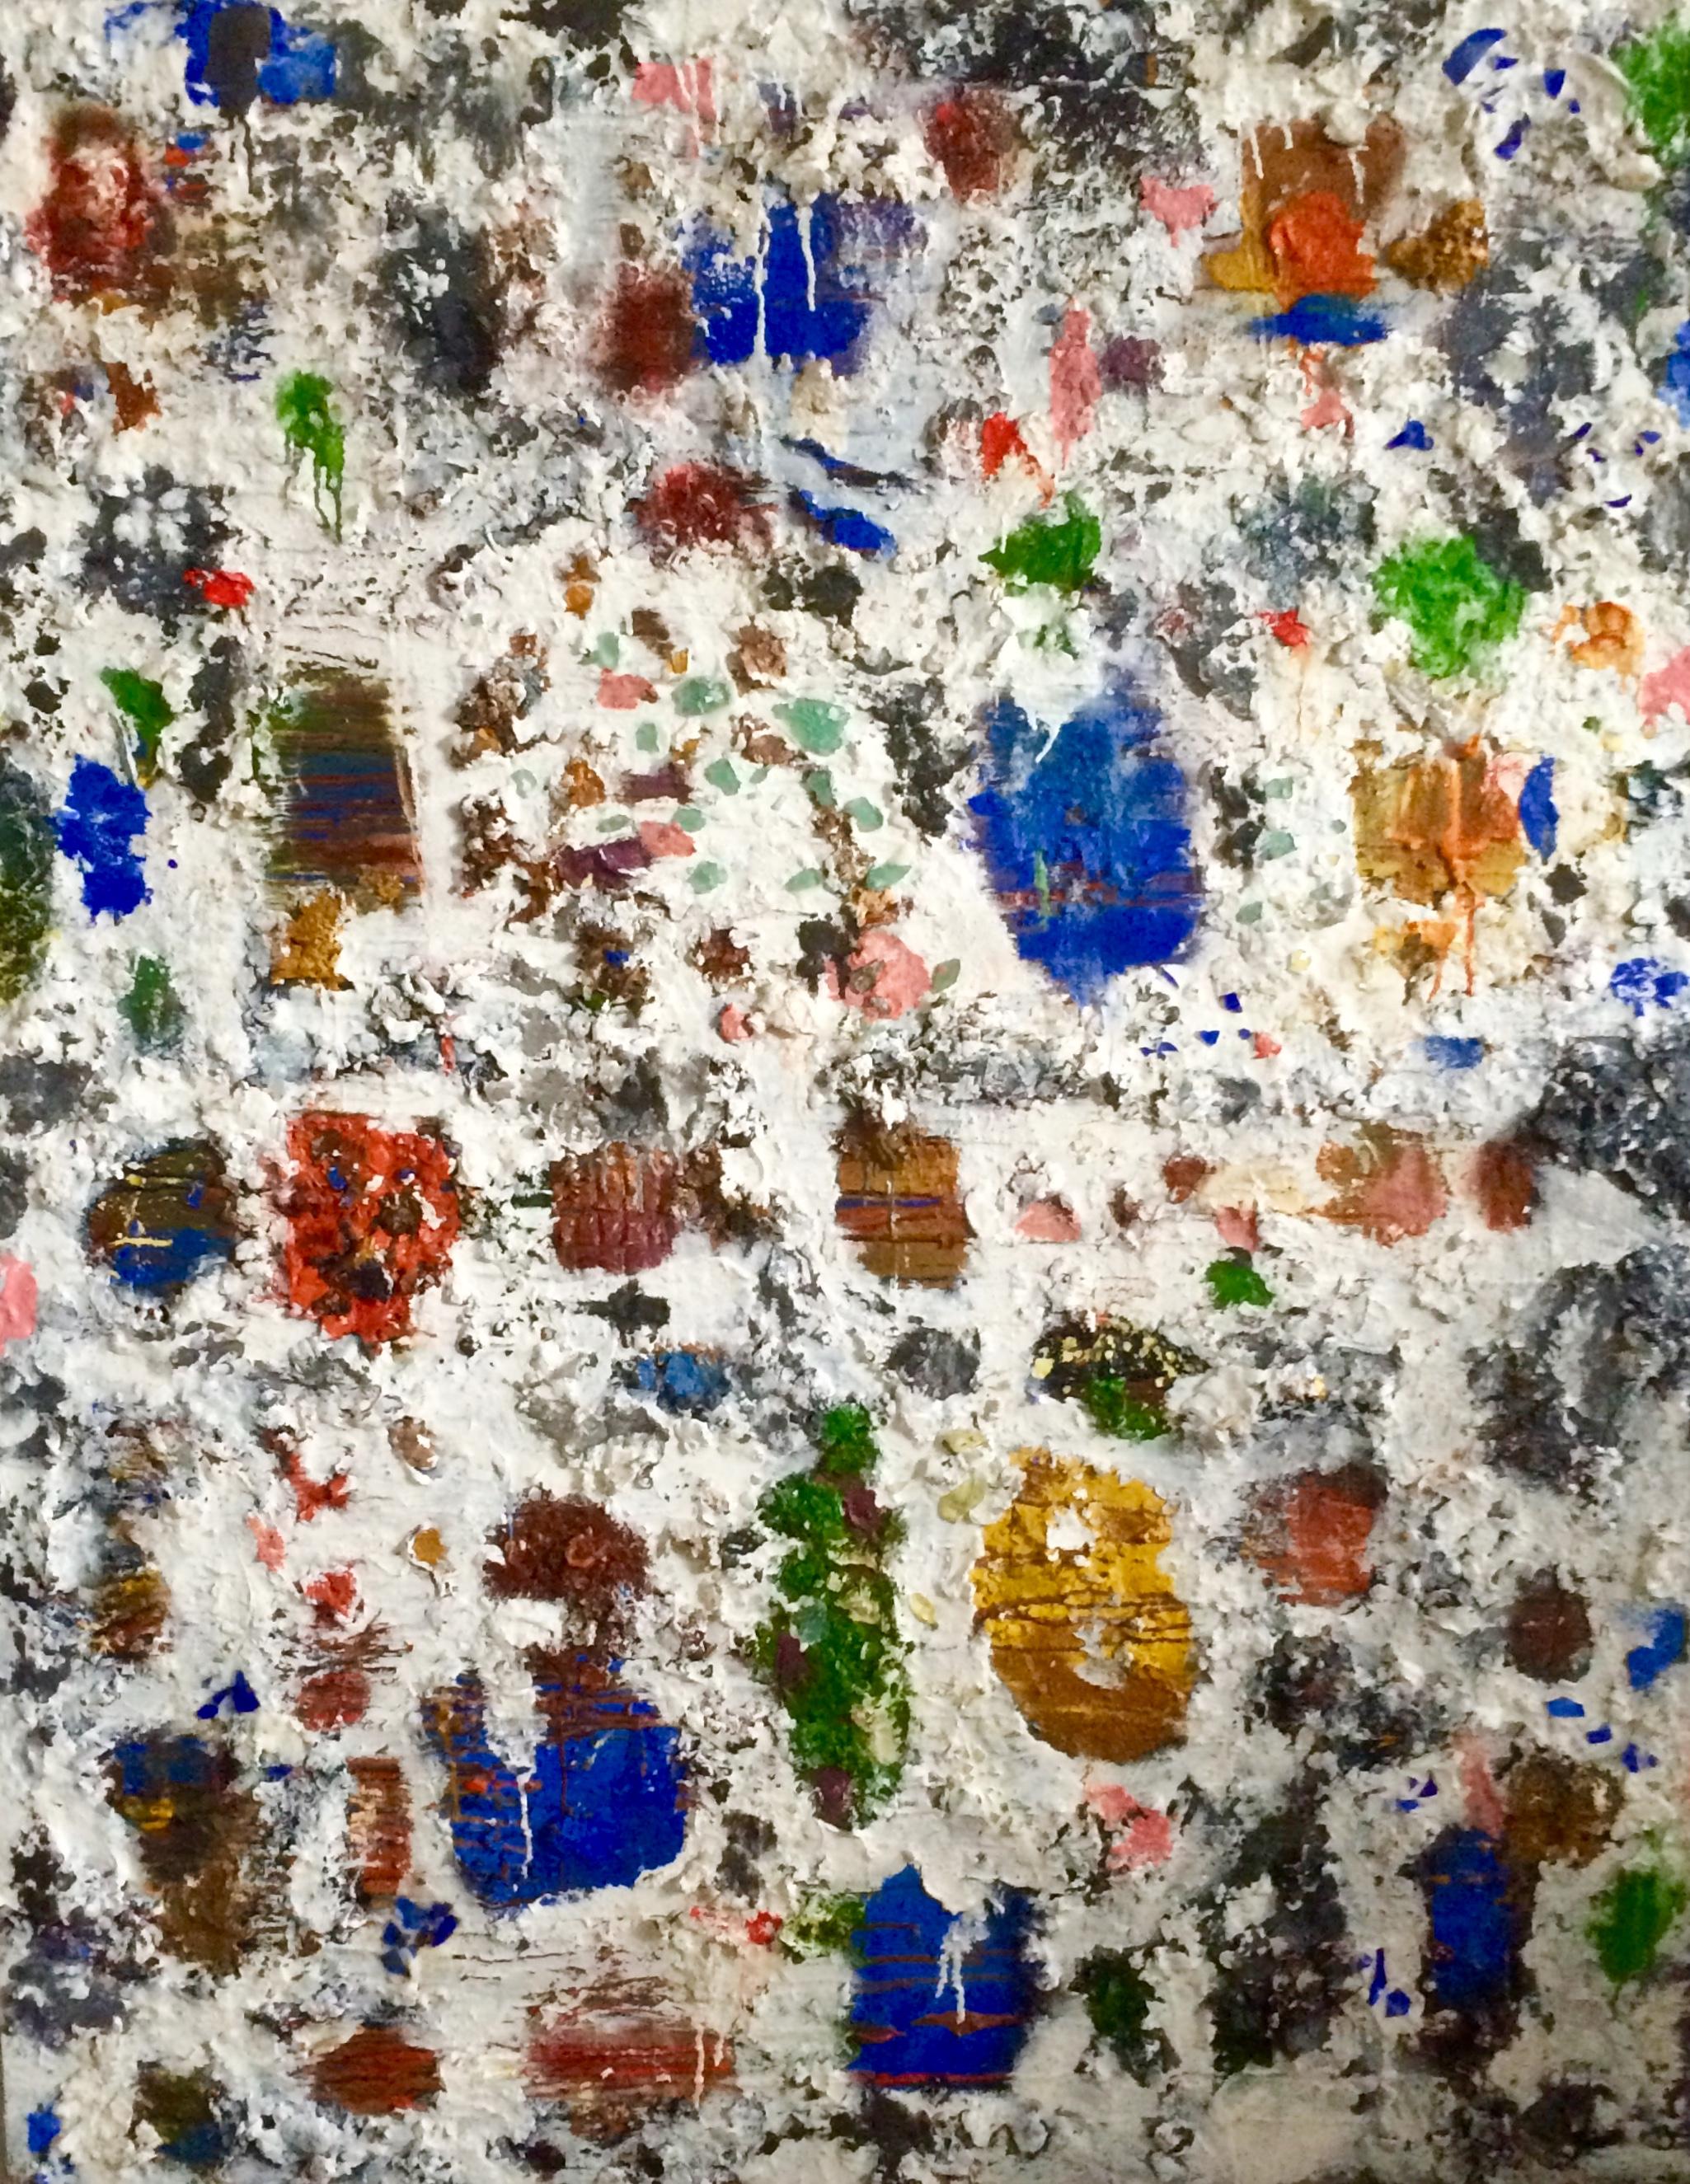 Casablanca Oil, wax, sand, sea shells,glass and fiberglass mesh stencil on panel 48 x 60 in/121.9 x 152.4 cm